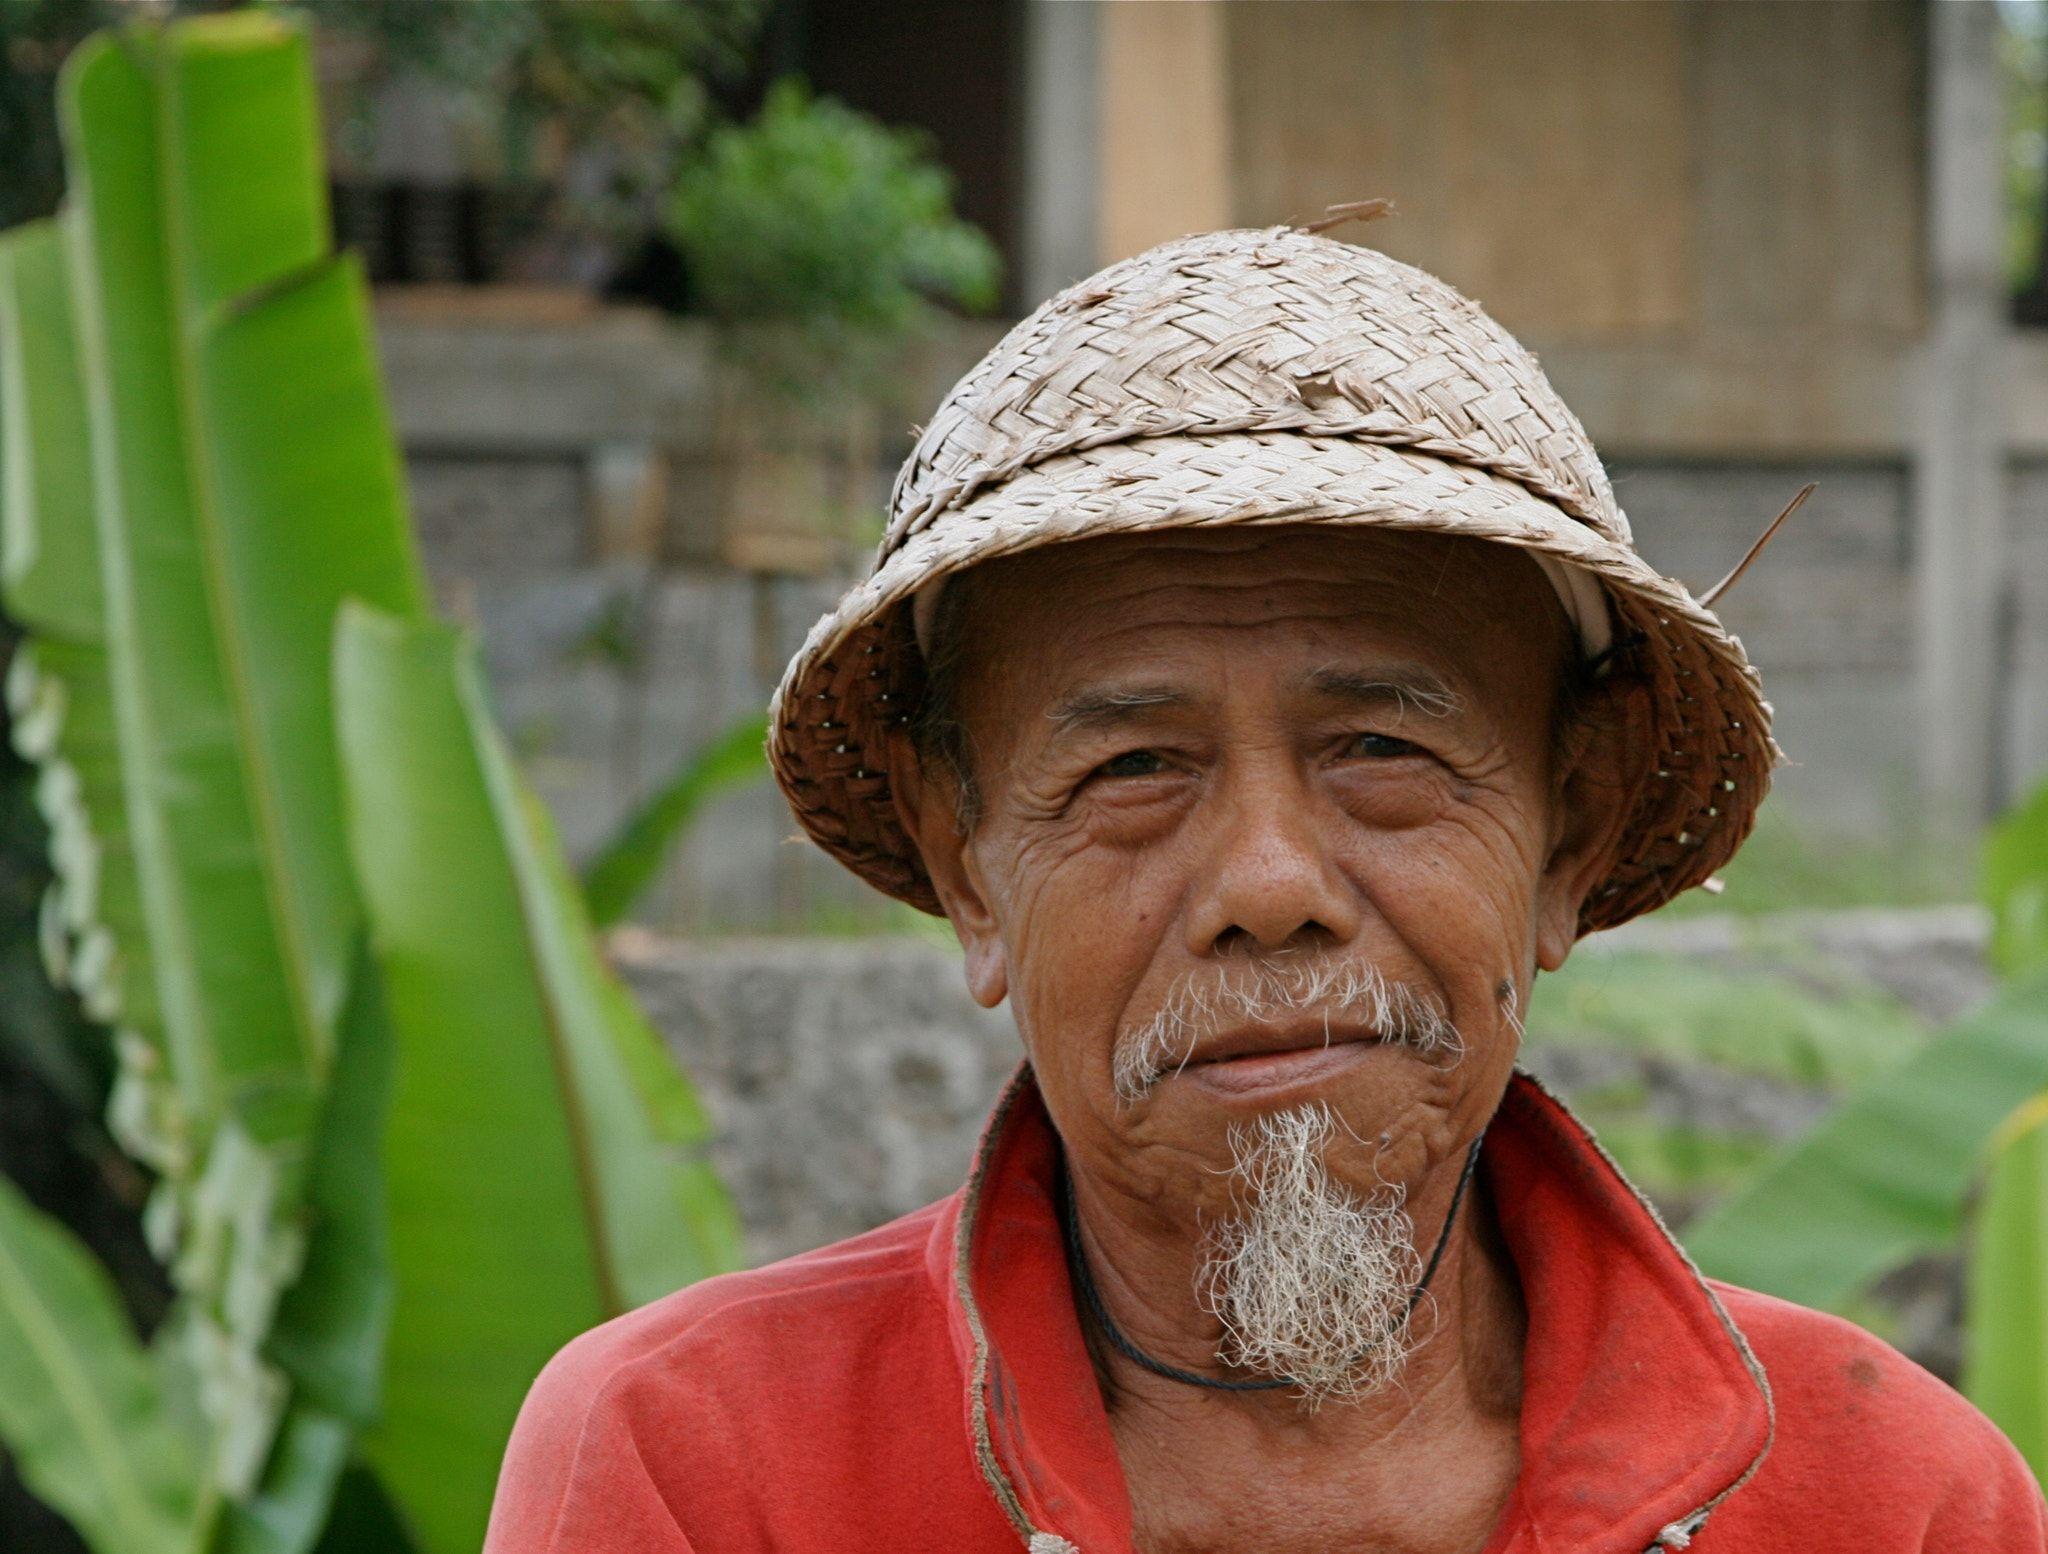 Balinese man -